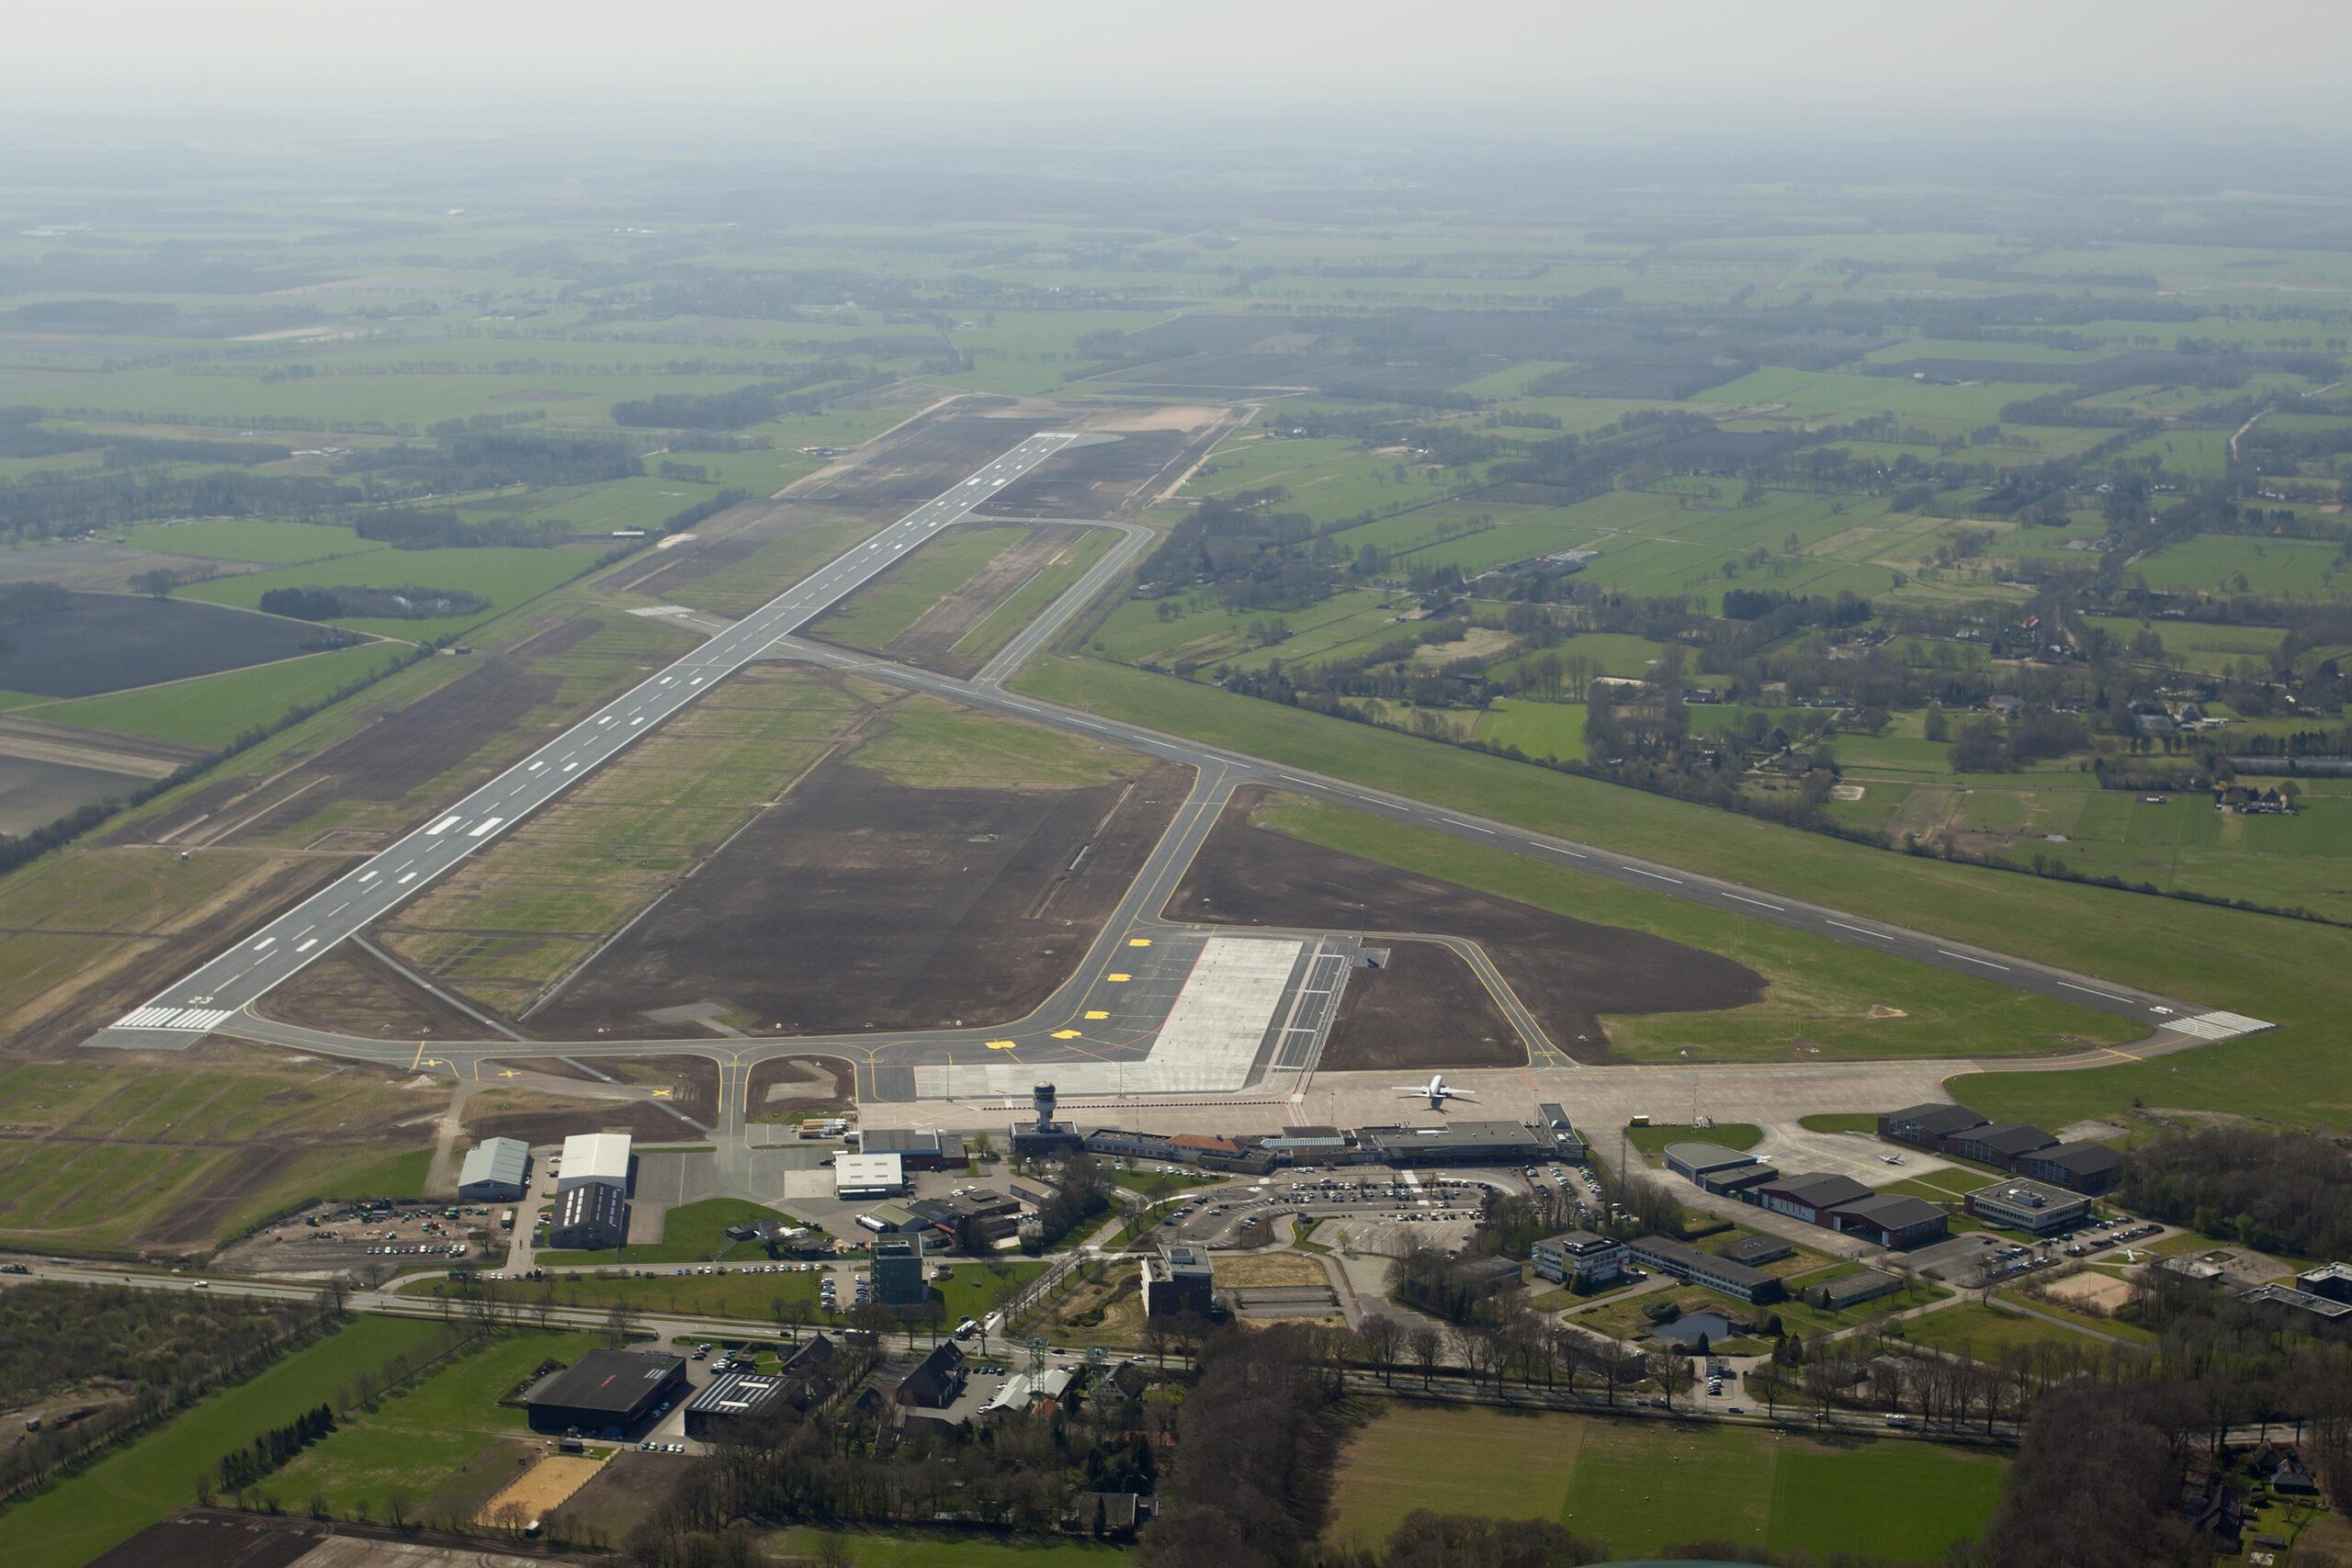 Суд в Нидерландах запретил отстрел животных вокруг аэропорта